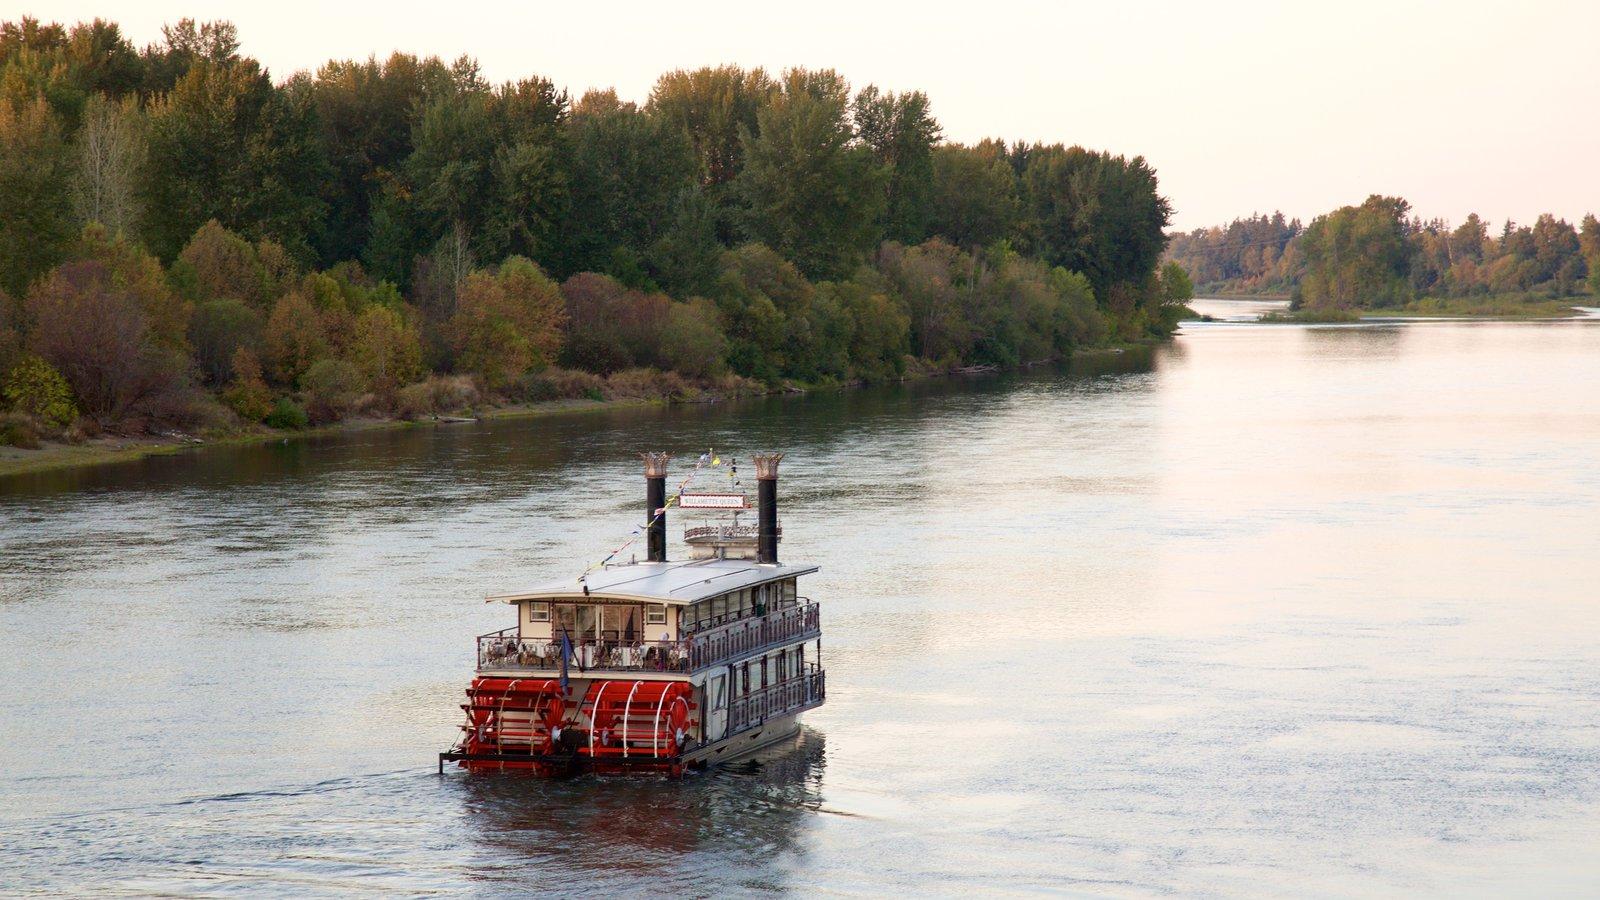 Salem mostrando paseos en lancha y un río o arroyo